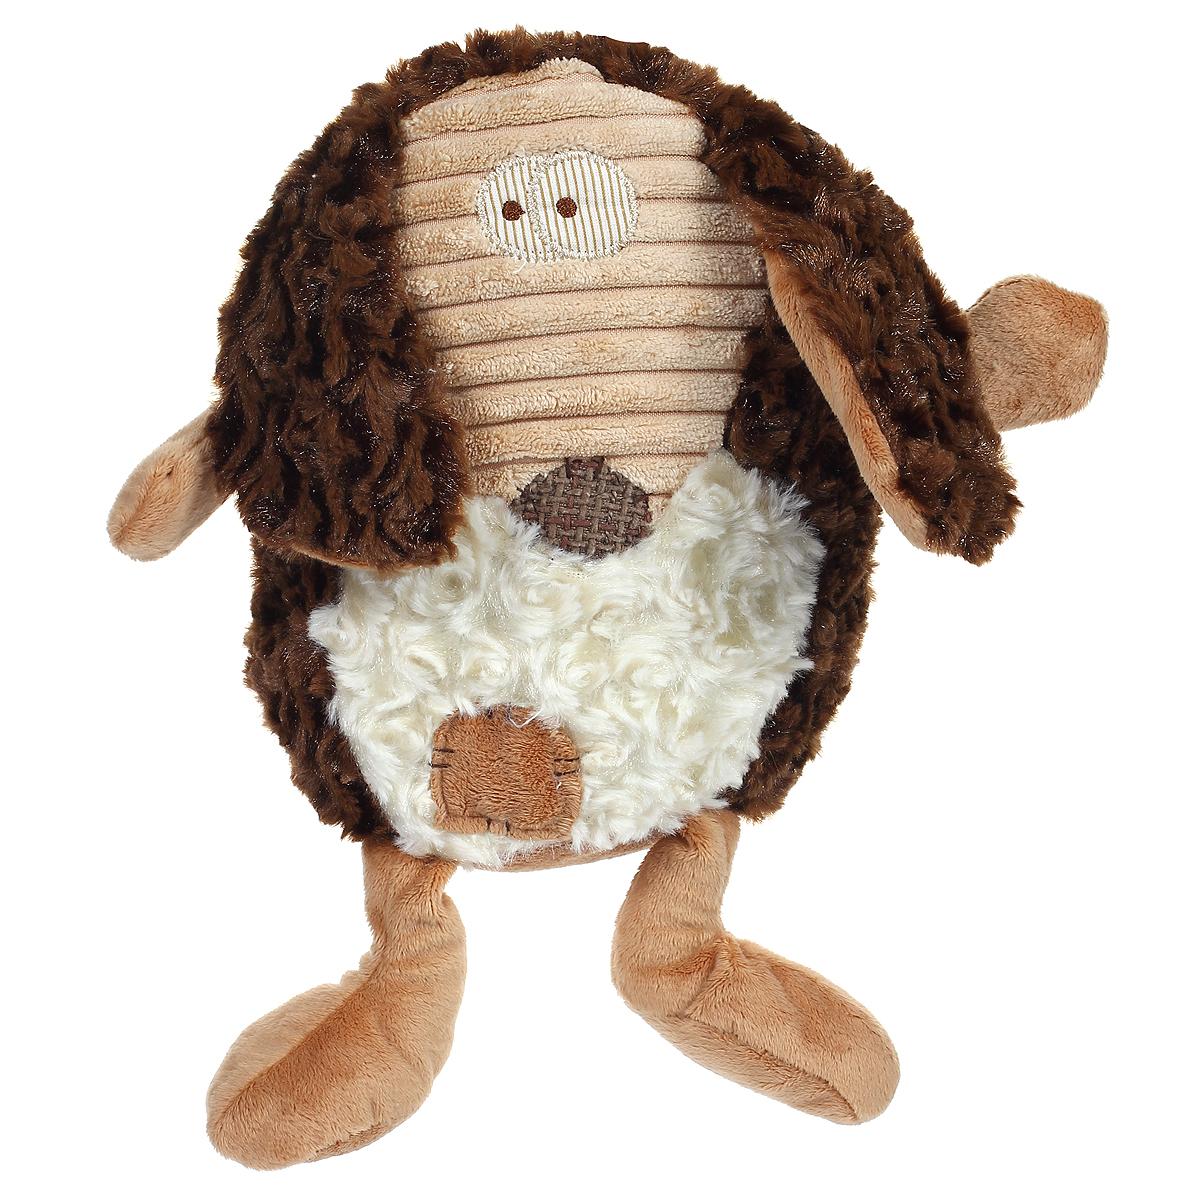 Мягкая игрушка Magic Bear Toys Коричневая собака, 24 смJC-12992-DОчаровательная мягкая игрушка Magic Bear Toys Коричневая собака вызовет умиление и улыбку у каждого, кто ее увидит. Она выполнена из мягкого плюша, искусственного меха и текстильного материала в виде забавного коричневого песика с длинными ушками и является частью коллекции молодого дизайнера Джеки Чиноко. Удивительно мягкая игрушка принесет радость и подарит своему обладателю мгновения нежных объятий и приятных воспоминаний. Дизайнерская игрушка приятно удивит вас оригинальностью идеи и высоким качеством исполнения. Она станет отличным подарком для детей и взрослых.